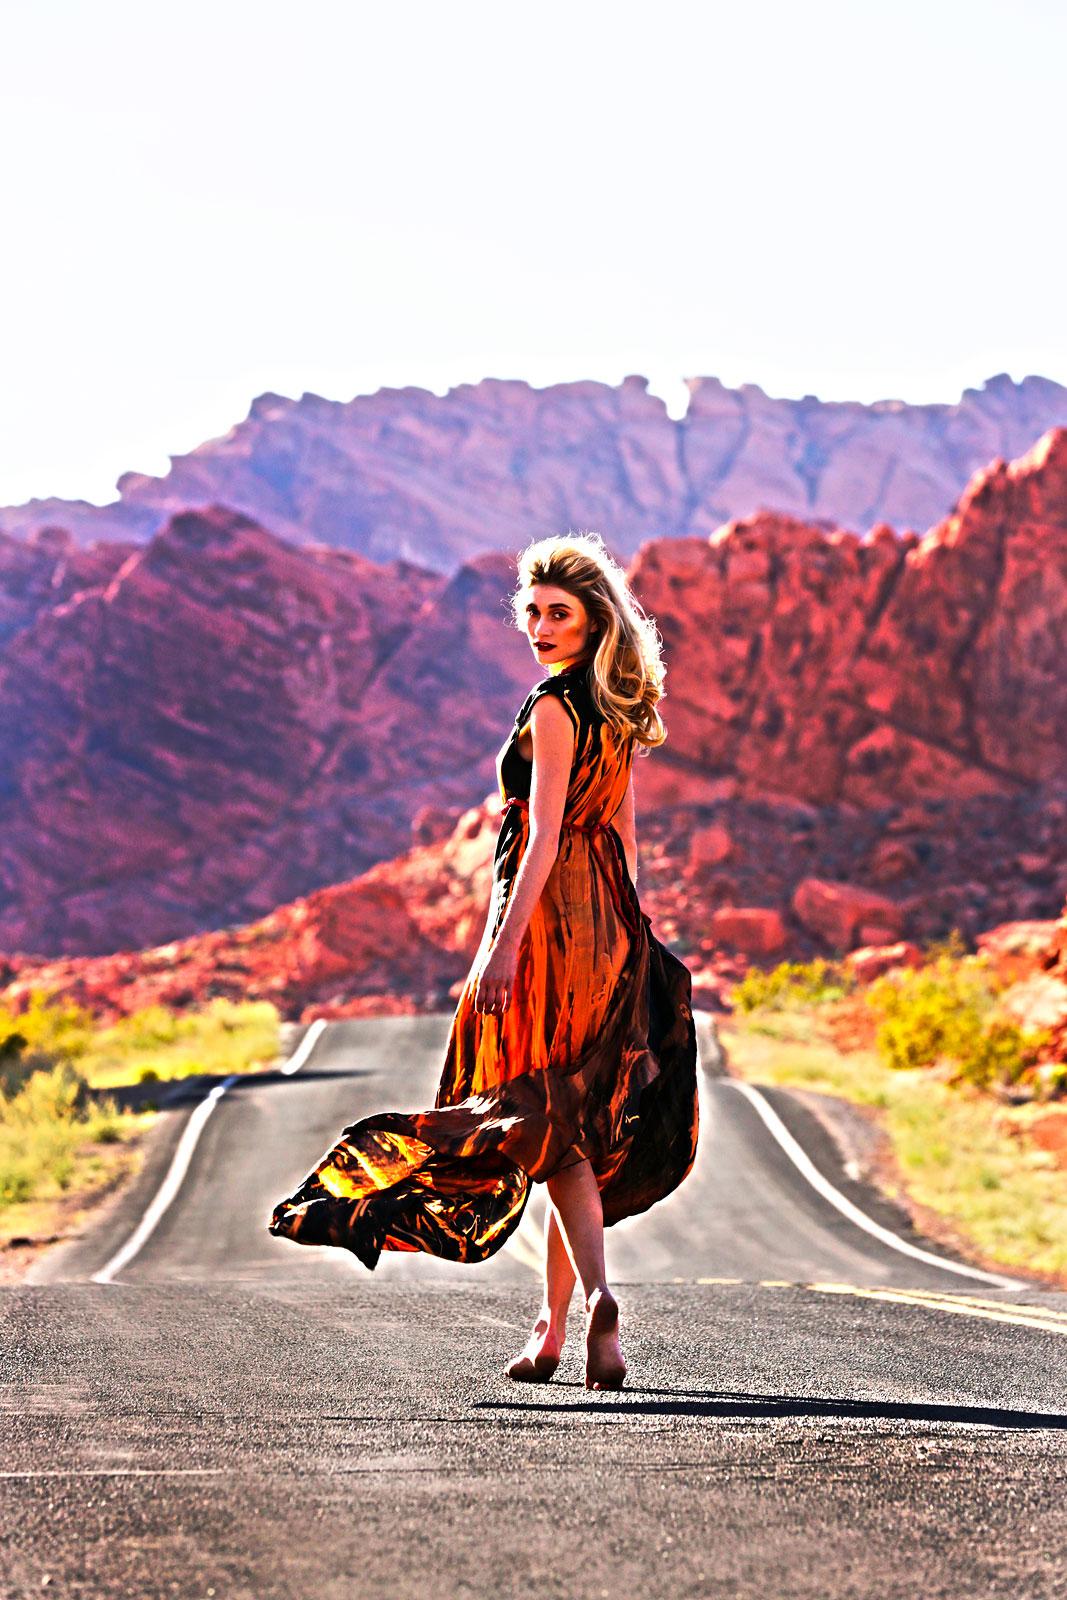 Foto van vrouw die omkijkt op autoweg met wapperende rode jurk